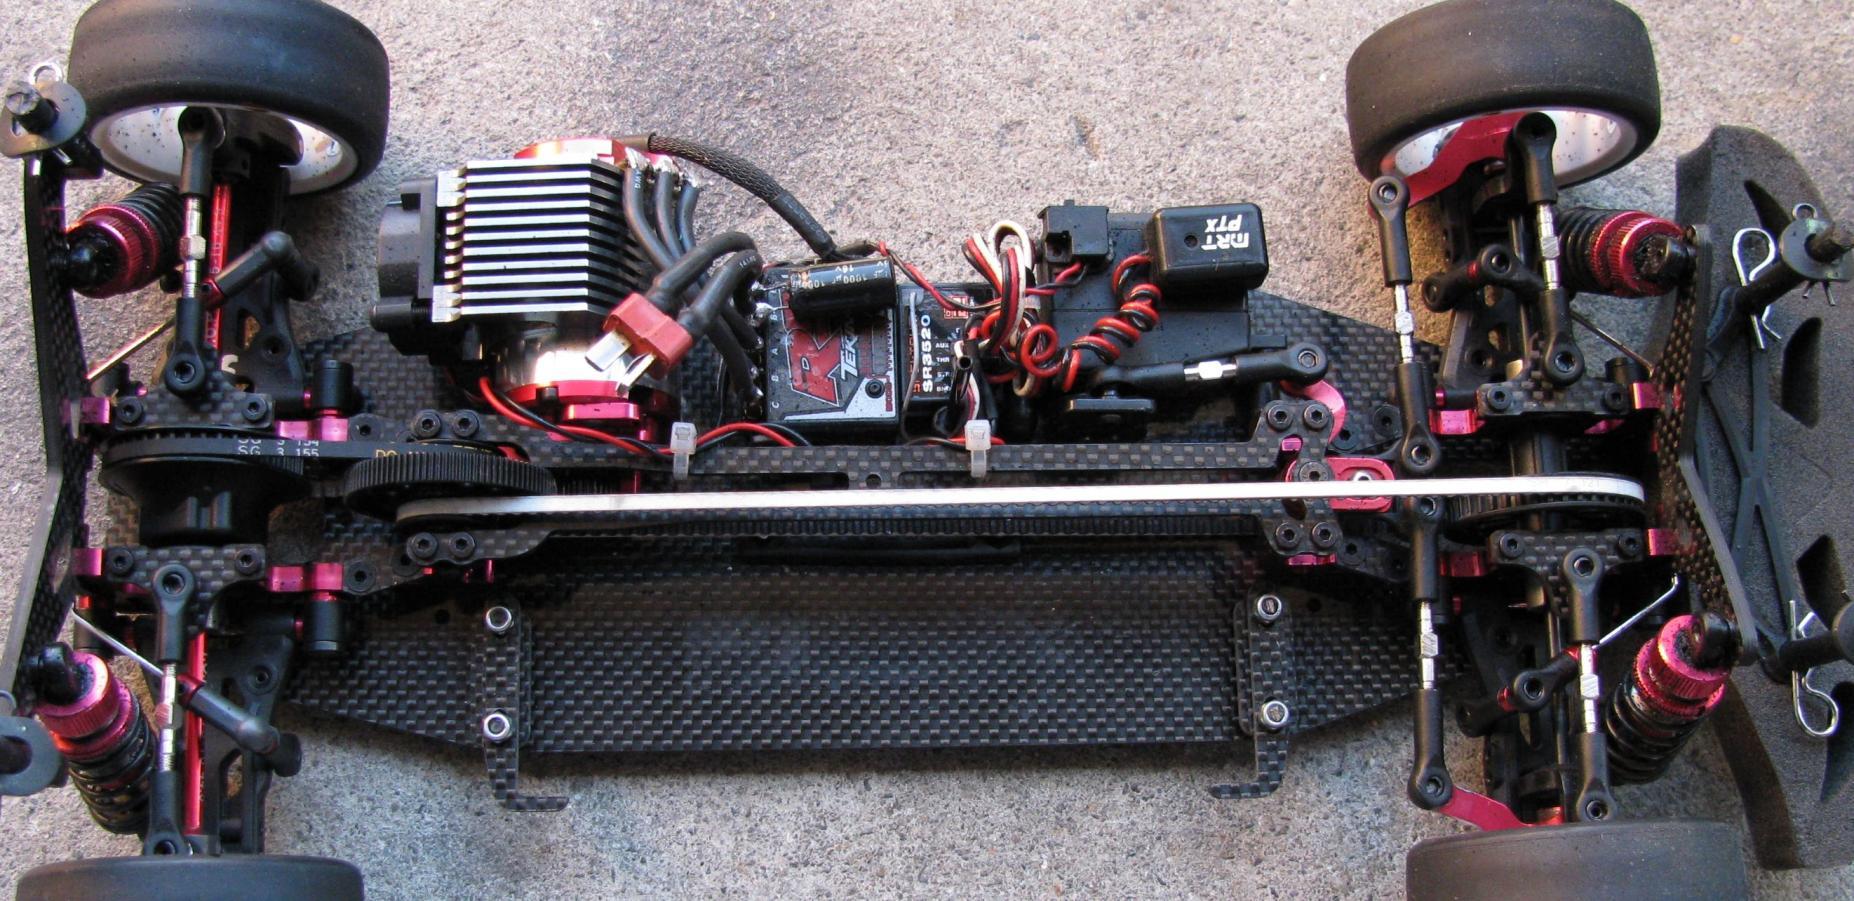 767447d1308067803-t-o-p-racing-photon-1-10-ep-touring-car-img_0172.jpg